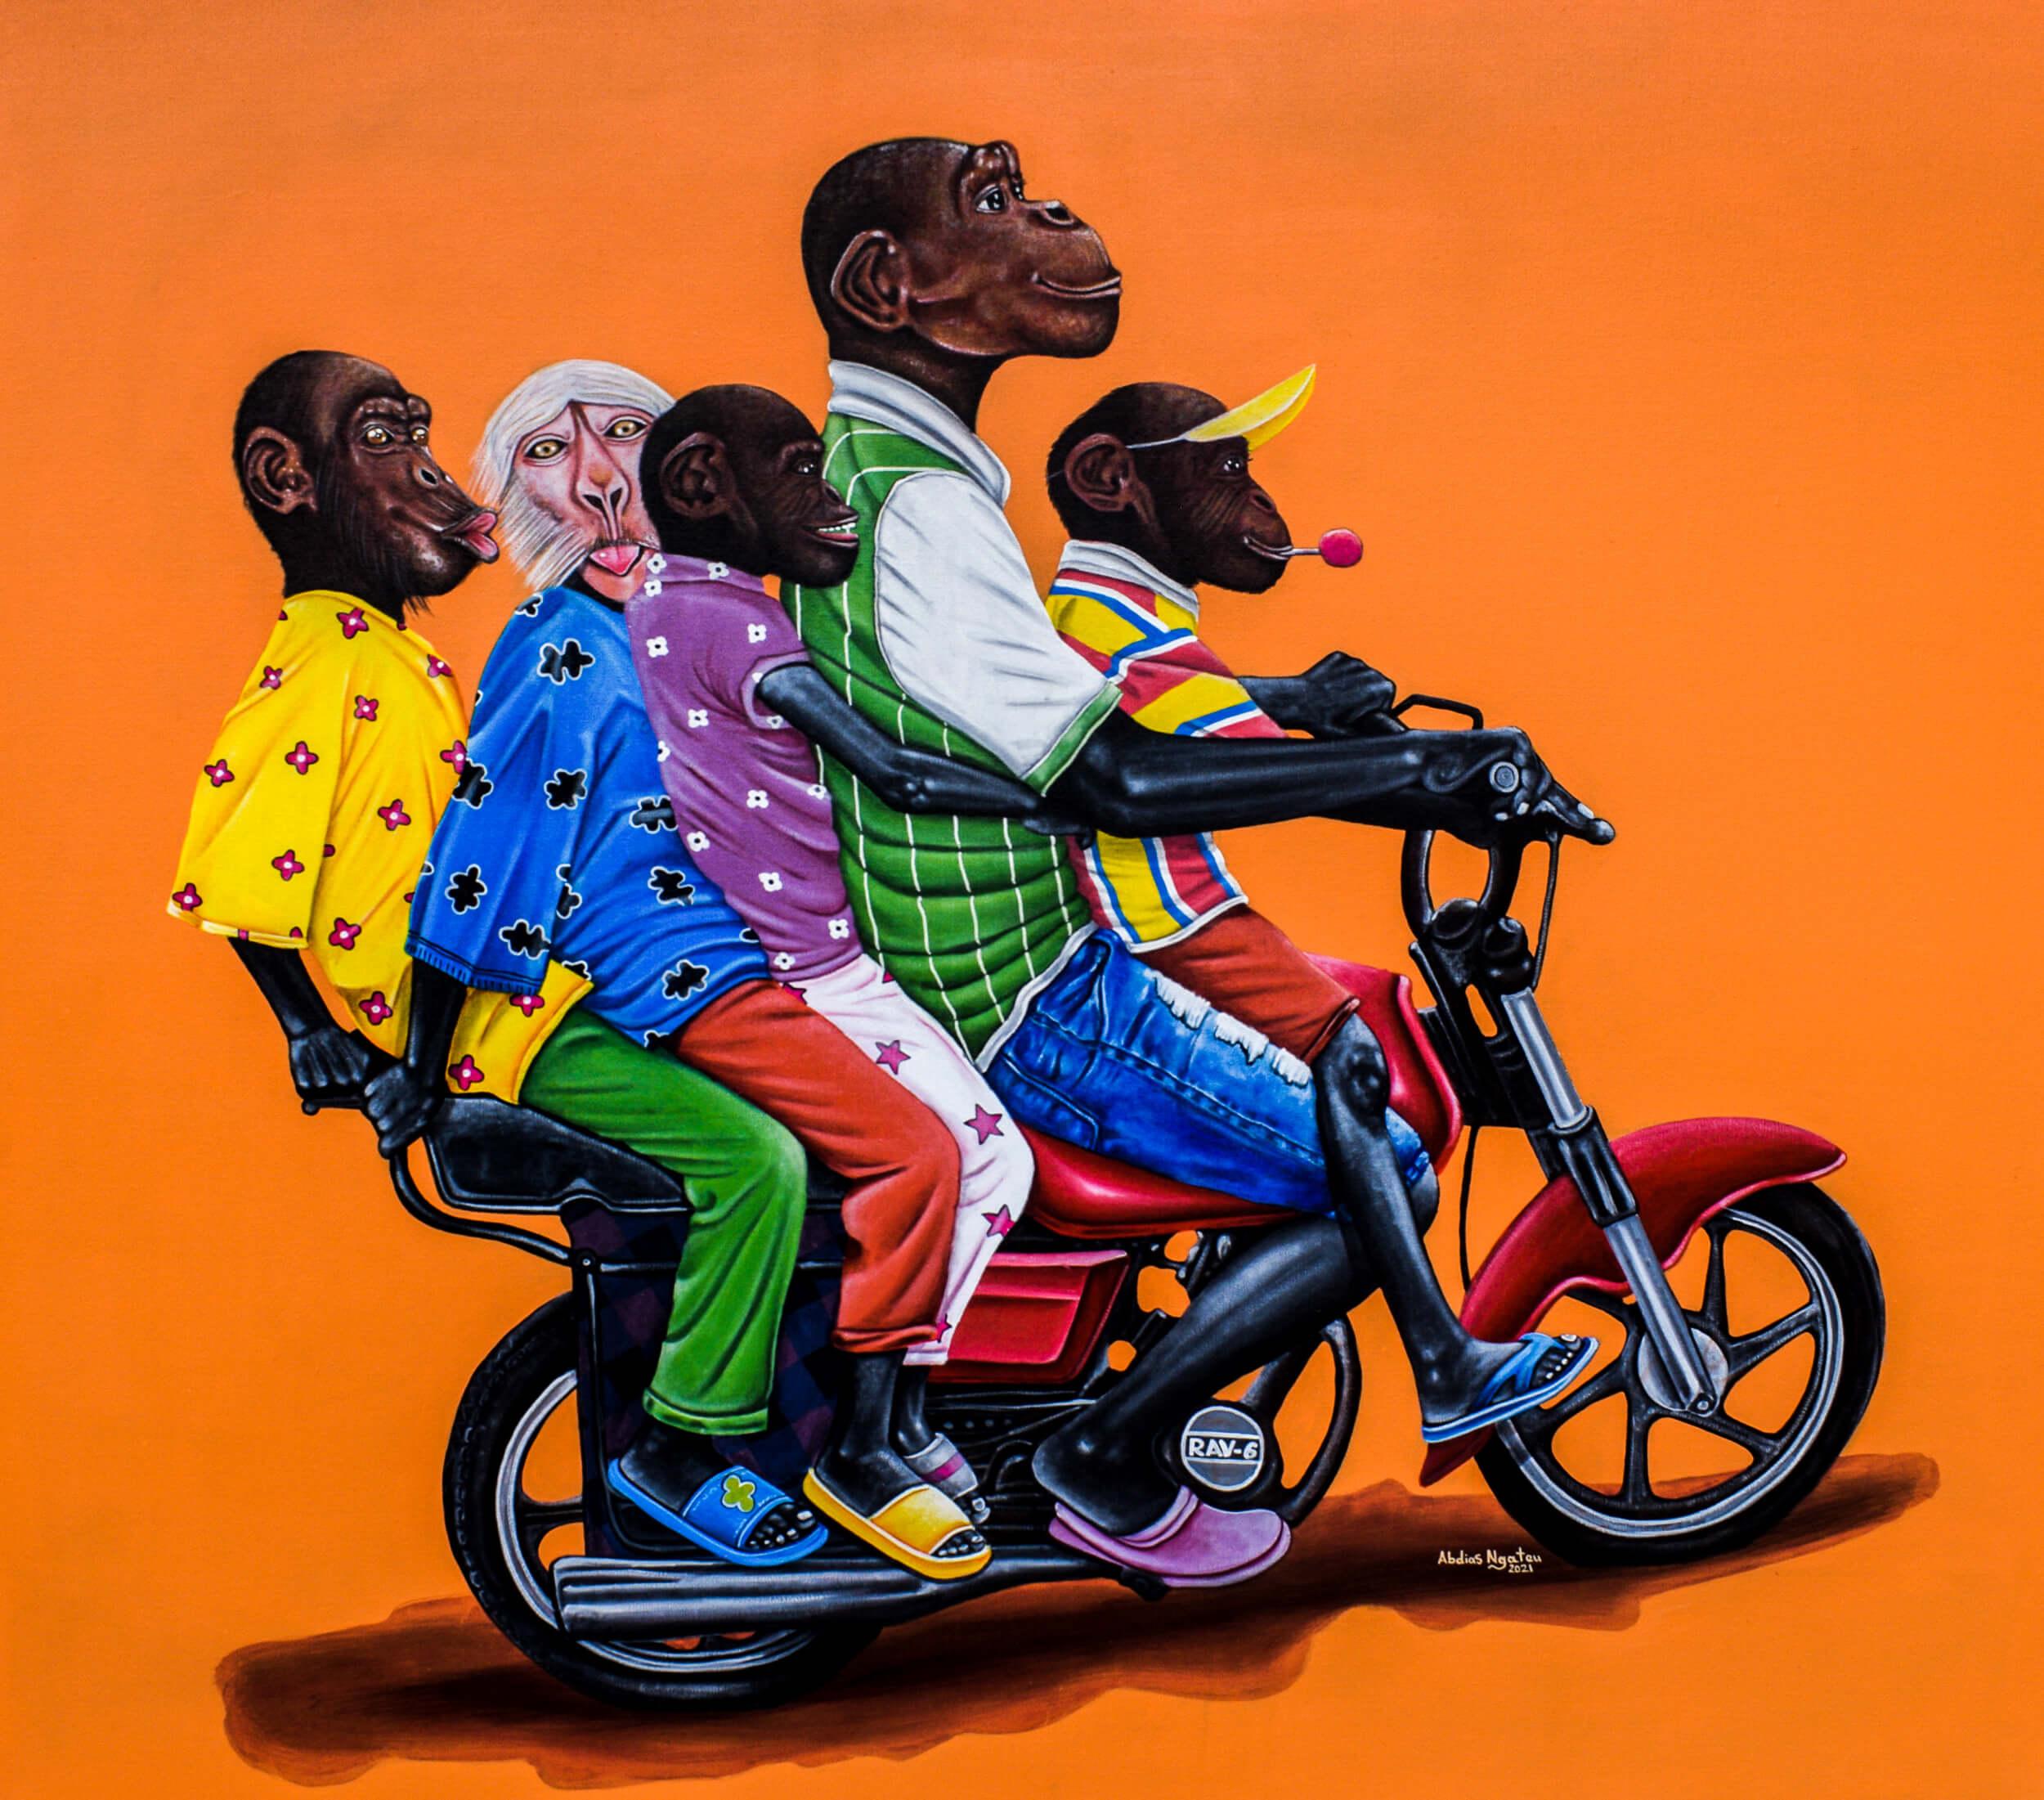 artsy-Abdias Ngateu - La R.A.V 6 - 2021 - 120cm H x 140cm W - Acrylic on canvas-2105